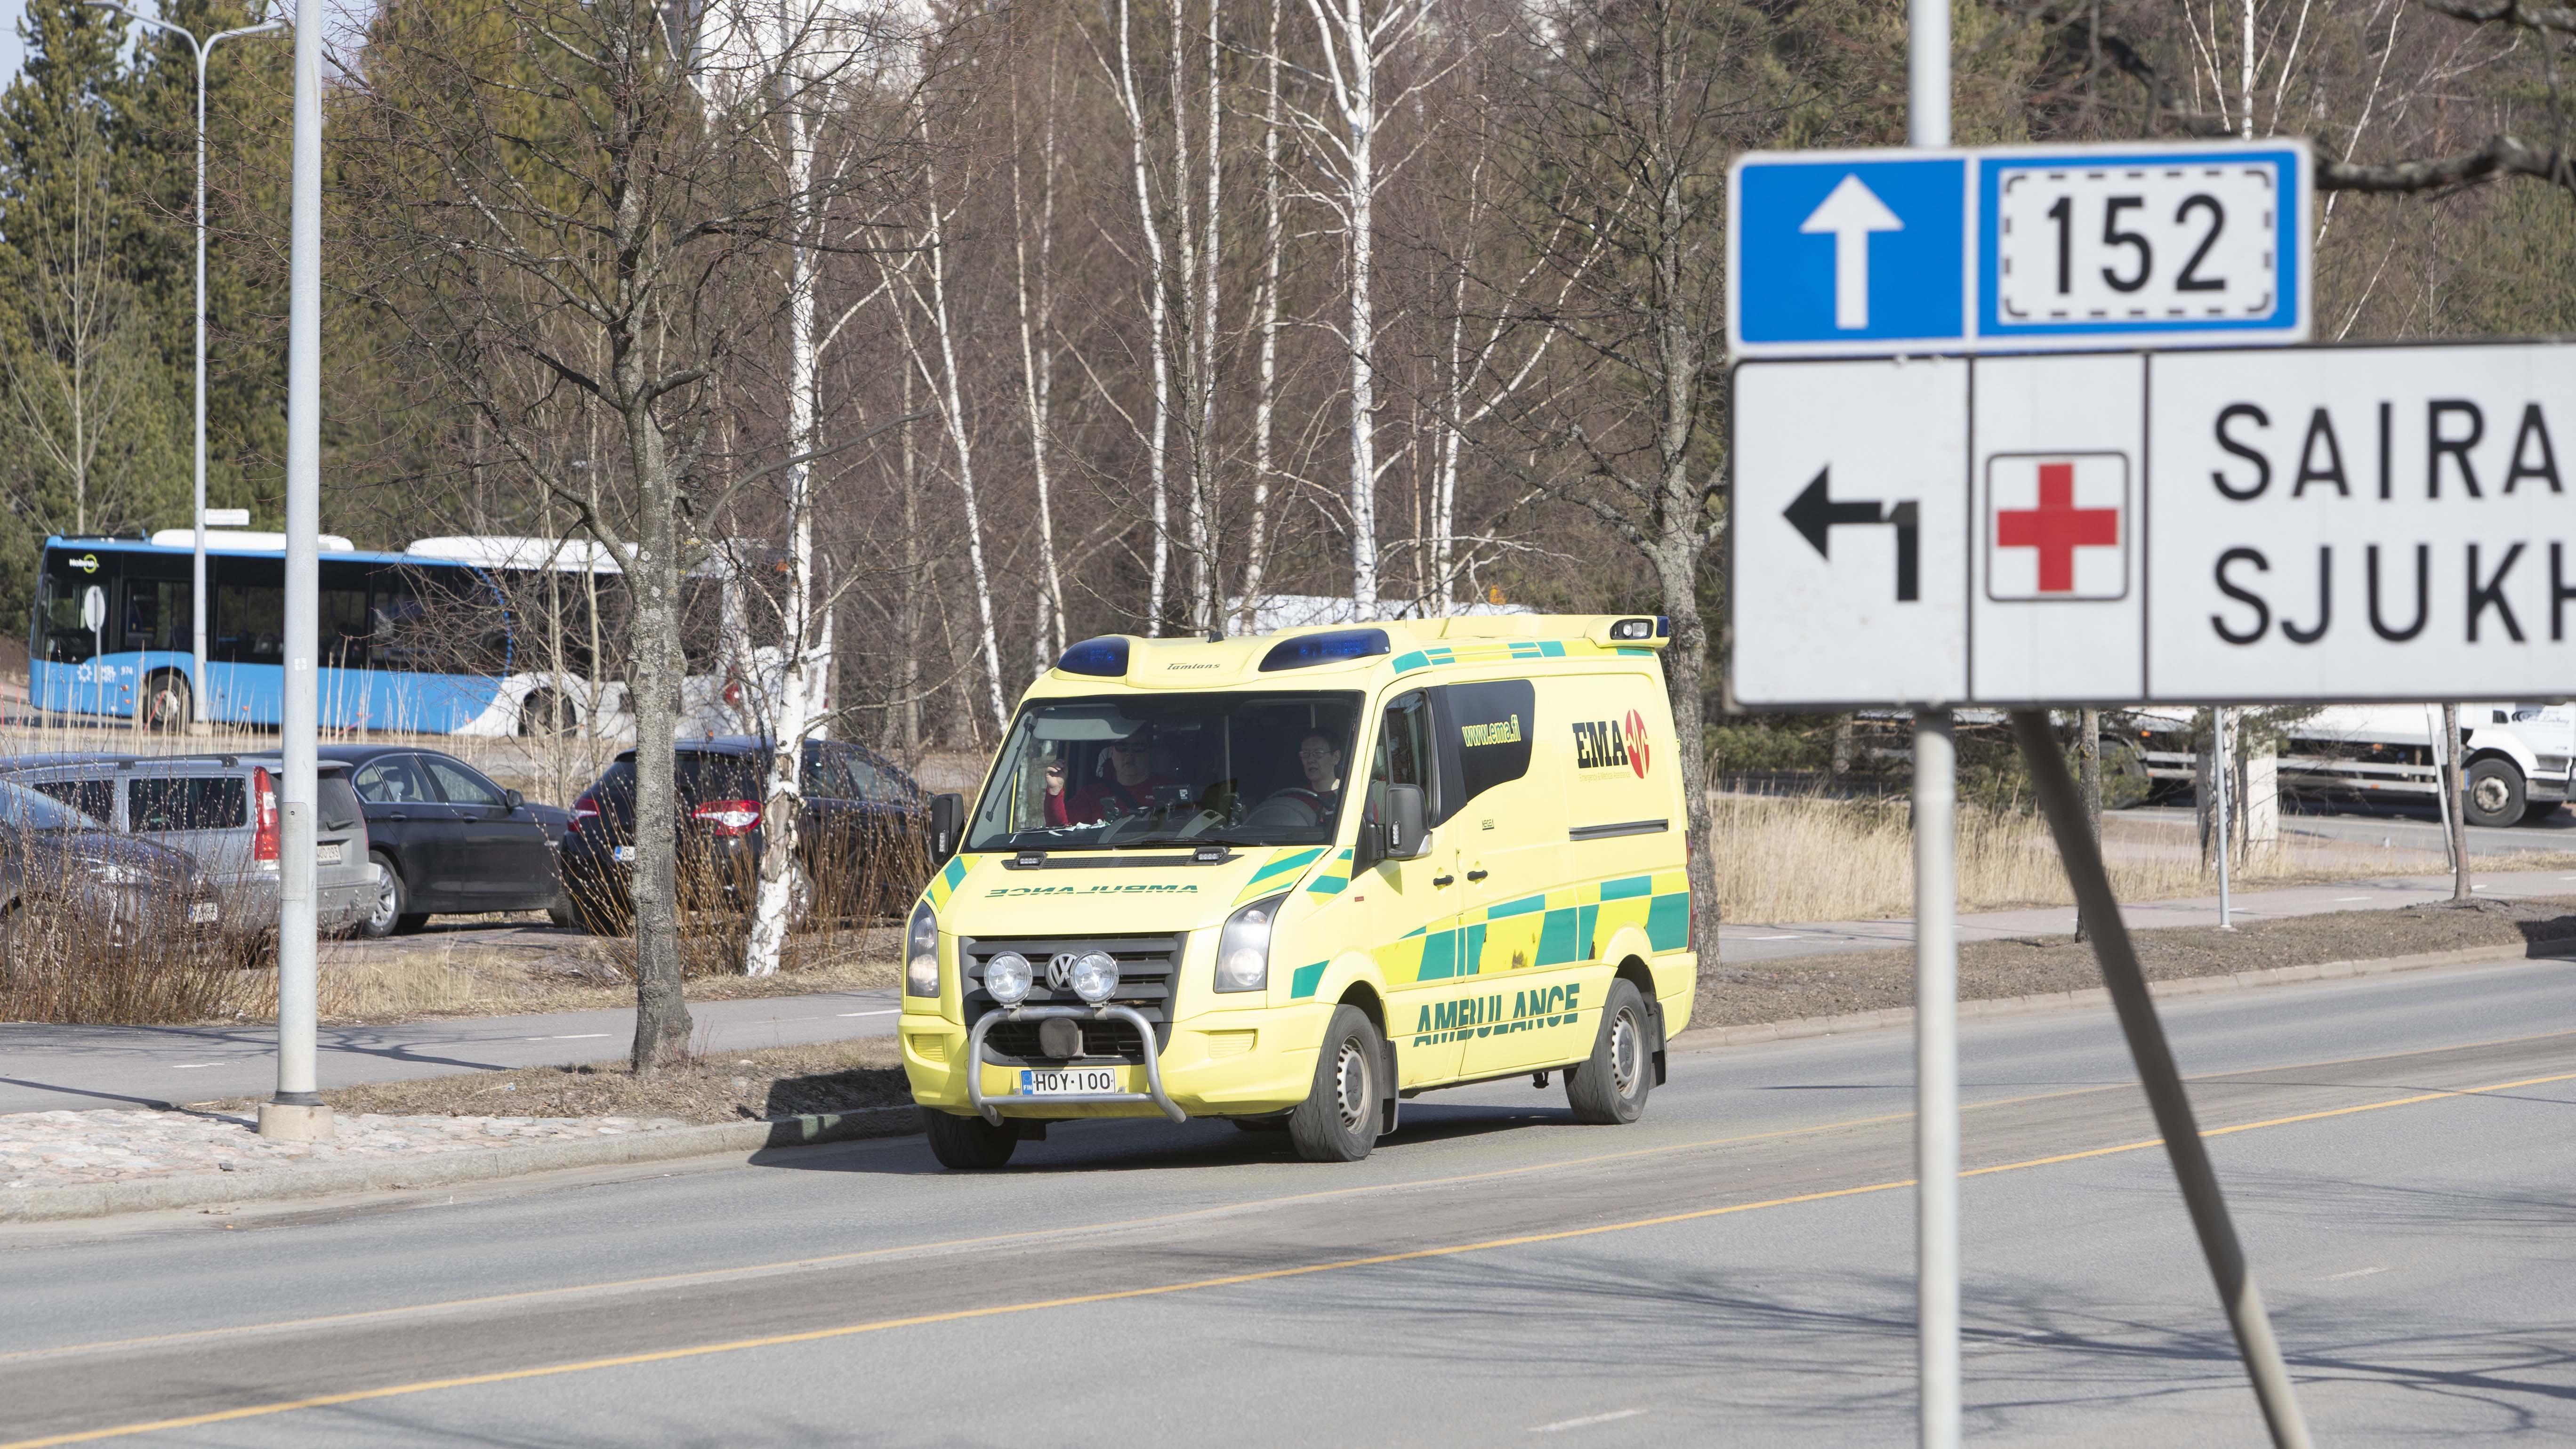 Eräs Helsingin kotihoidon työntekijä joutui pyytämään toimintaohjeet sairaalasta, kun asiakkaalla epäiltiin koronaa. Esimies ei tiennyt, saako hoitaja mennä suoraan seuraavalle keikalle.